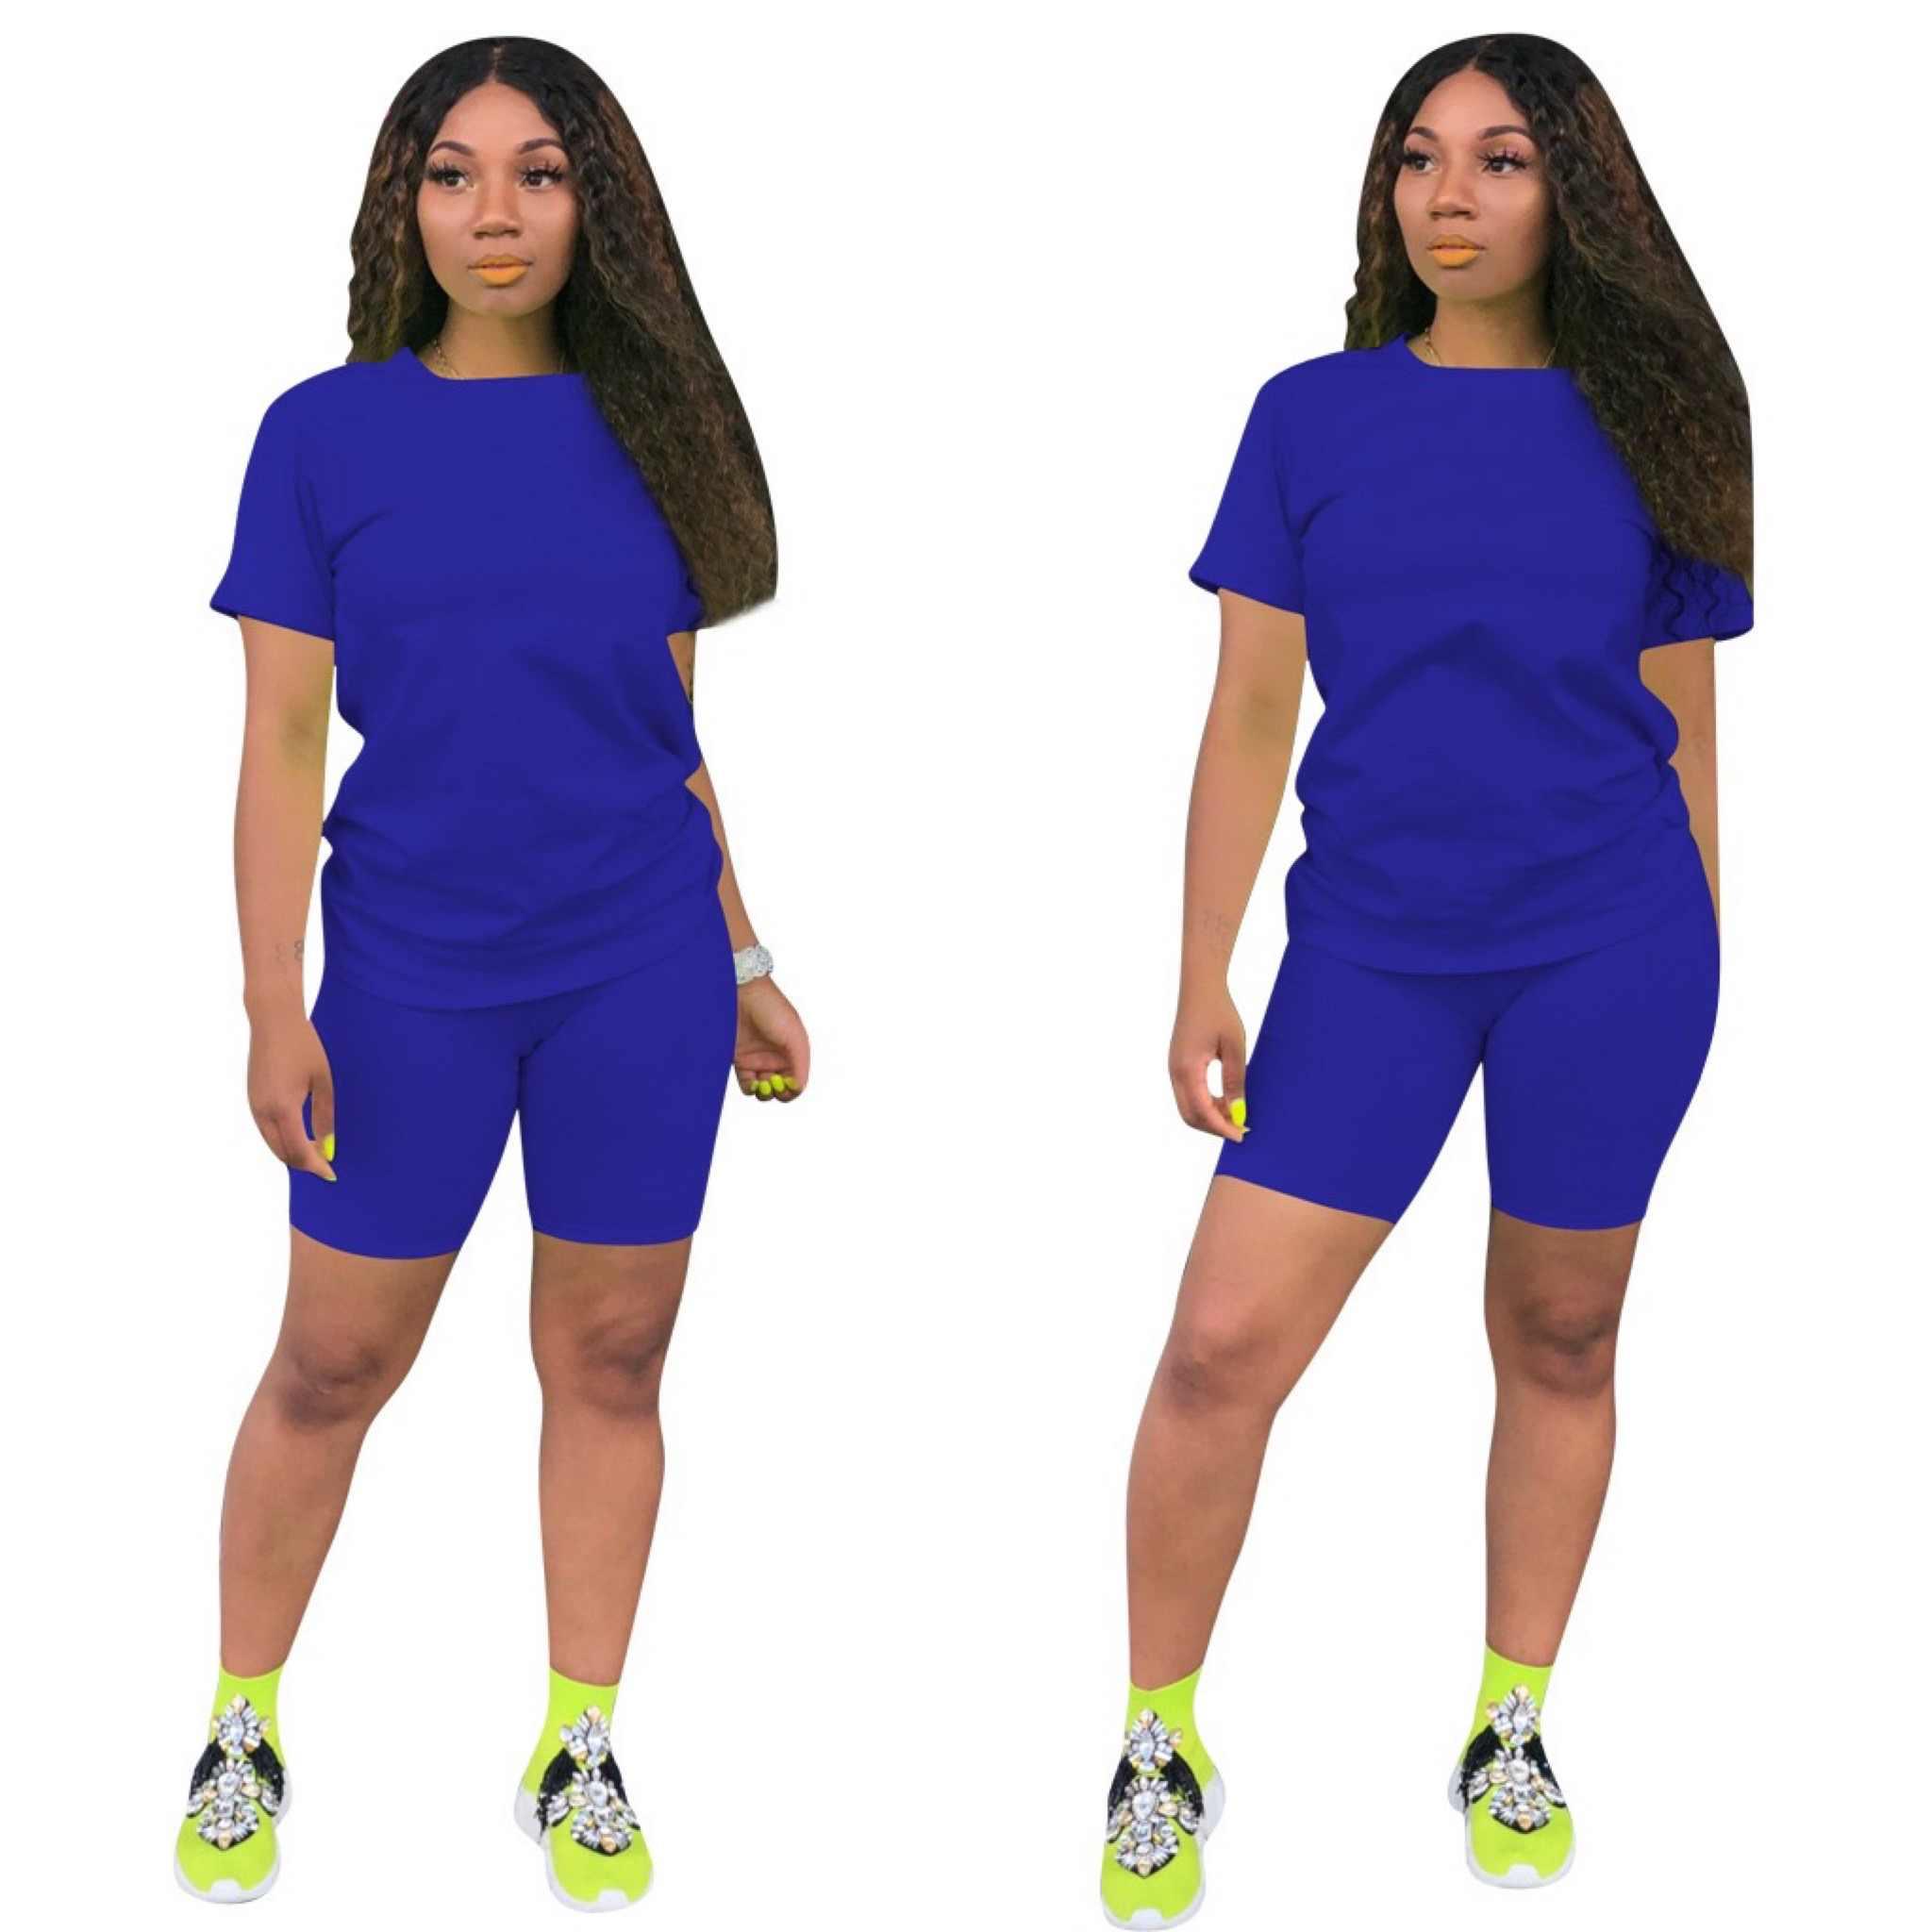 ผู้หญิง2ชิ้นBikerชุดกางเกงขาสั้นเสื้อยืดTop + Bikerกางเกงขาสั้นJogger 2ชิ้นชุดลำลองActive Tracksuitชุด